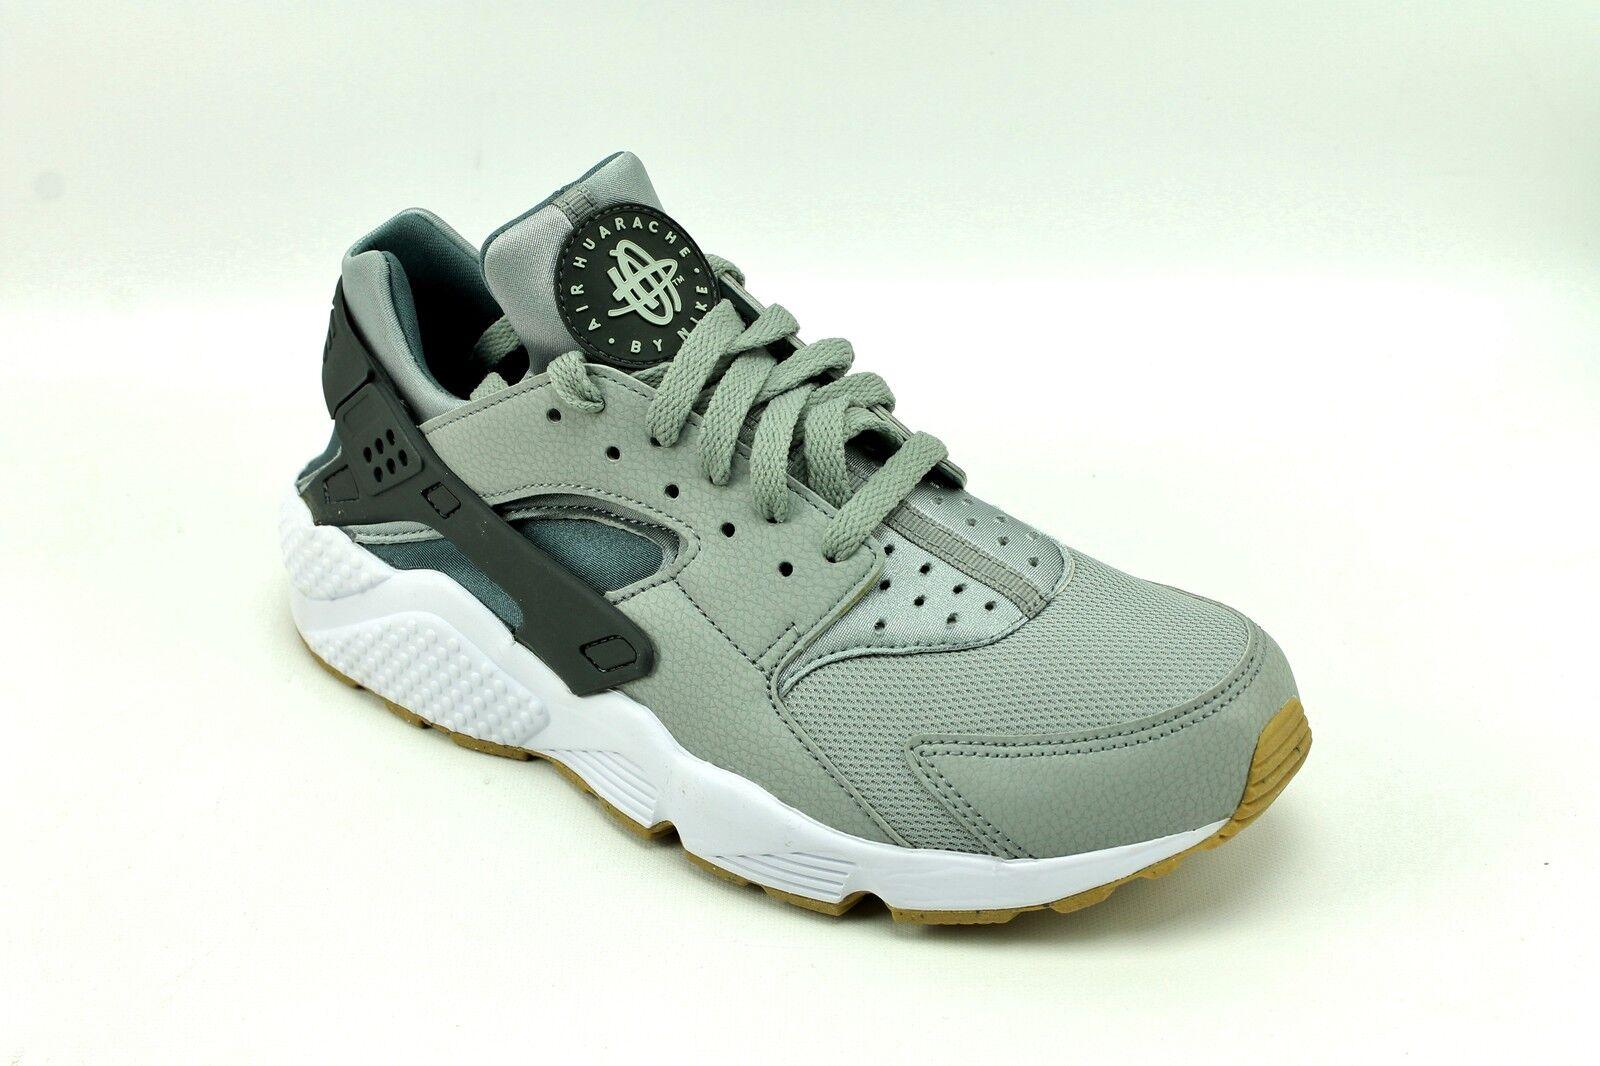 Nike Huarache Shark Zapatos Antracita Blanco 318429-022 Air Zapatos Shark para hombre 9.5 5ff22c